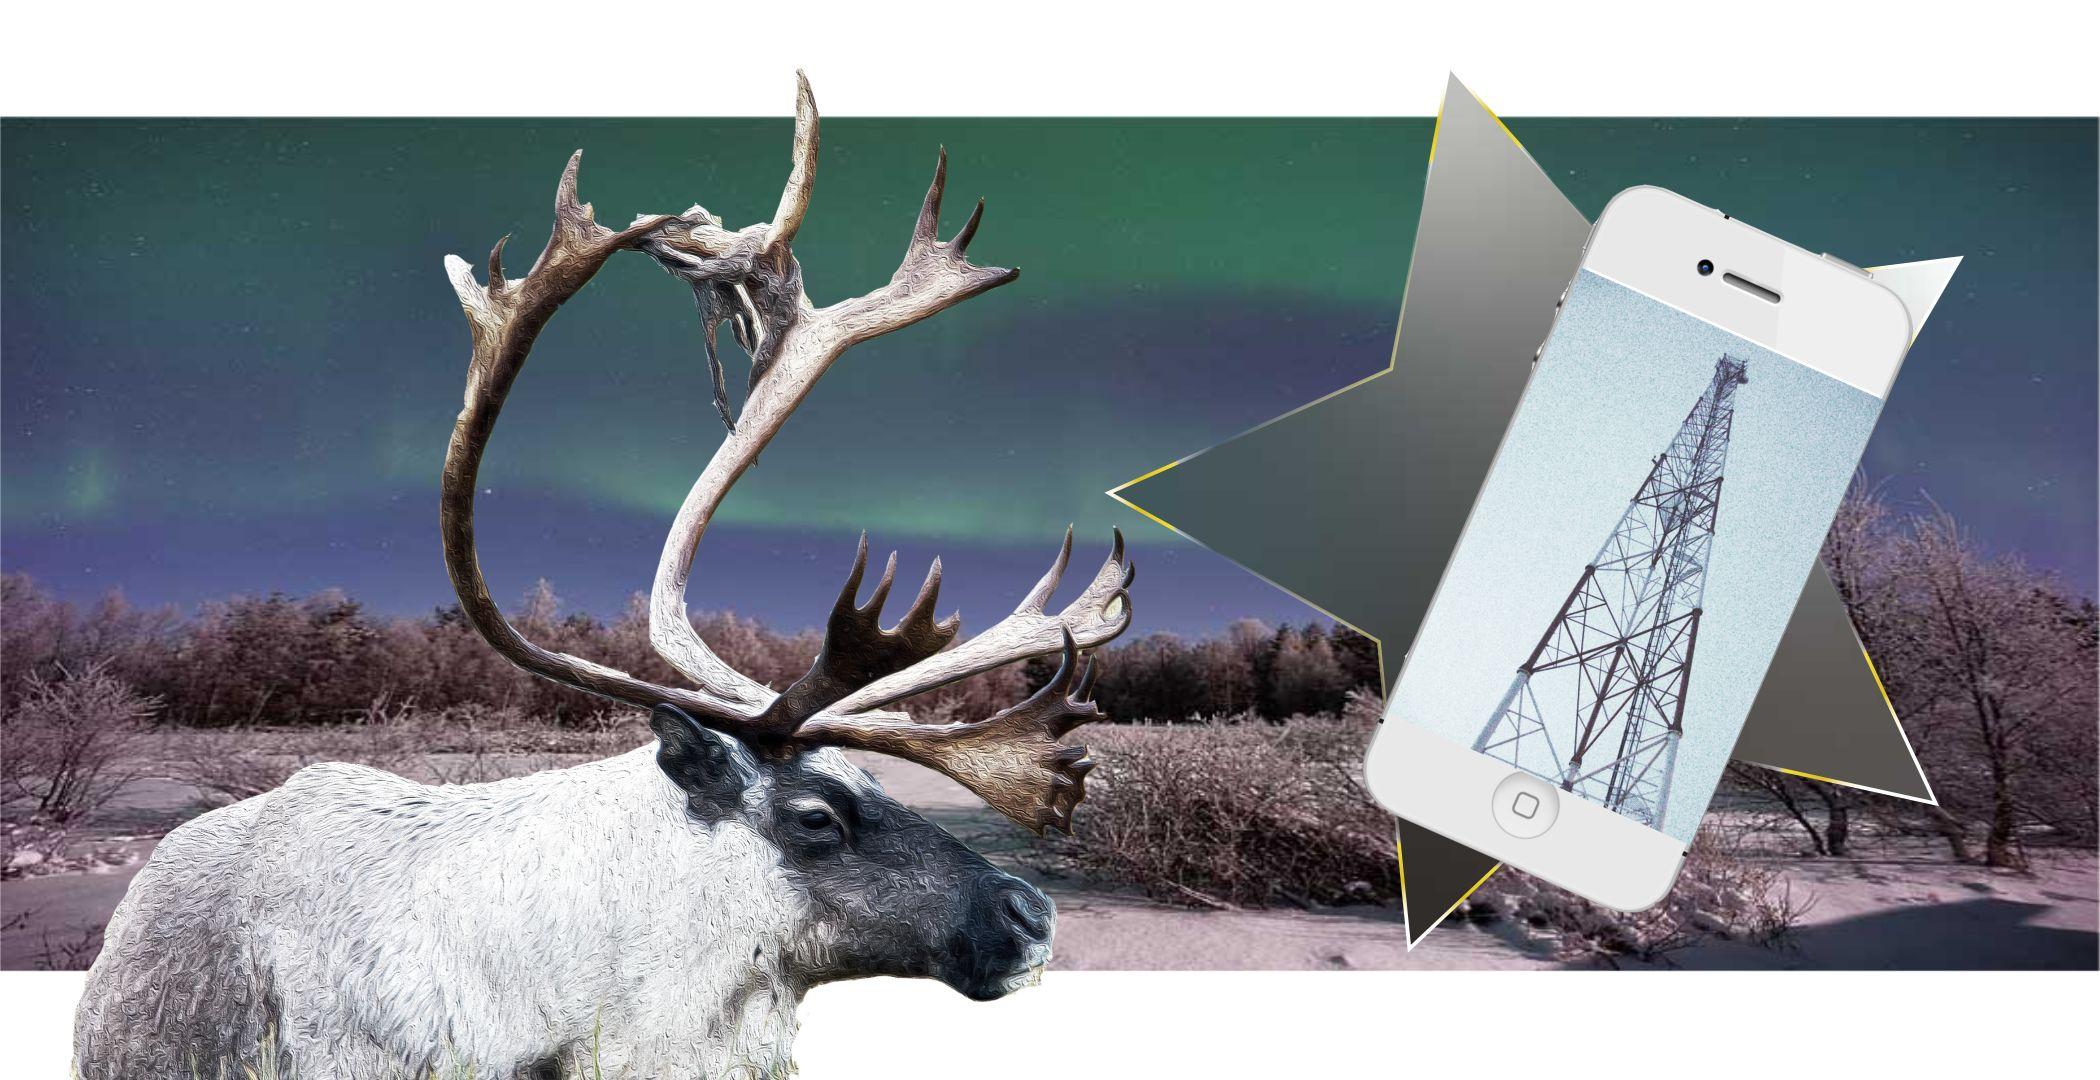 Arktiset tulevaisuudet:<br> Teknologia ja ympäristökriisi haastavat alkuperäiskansat